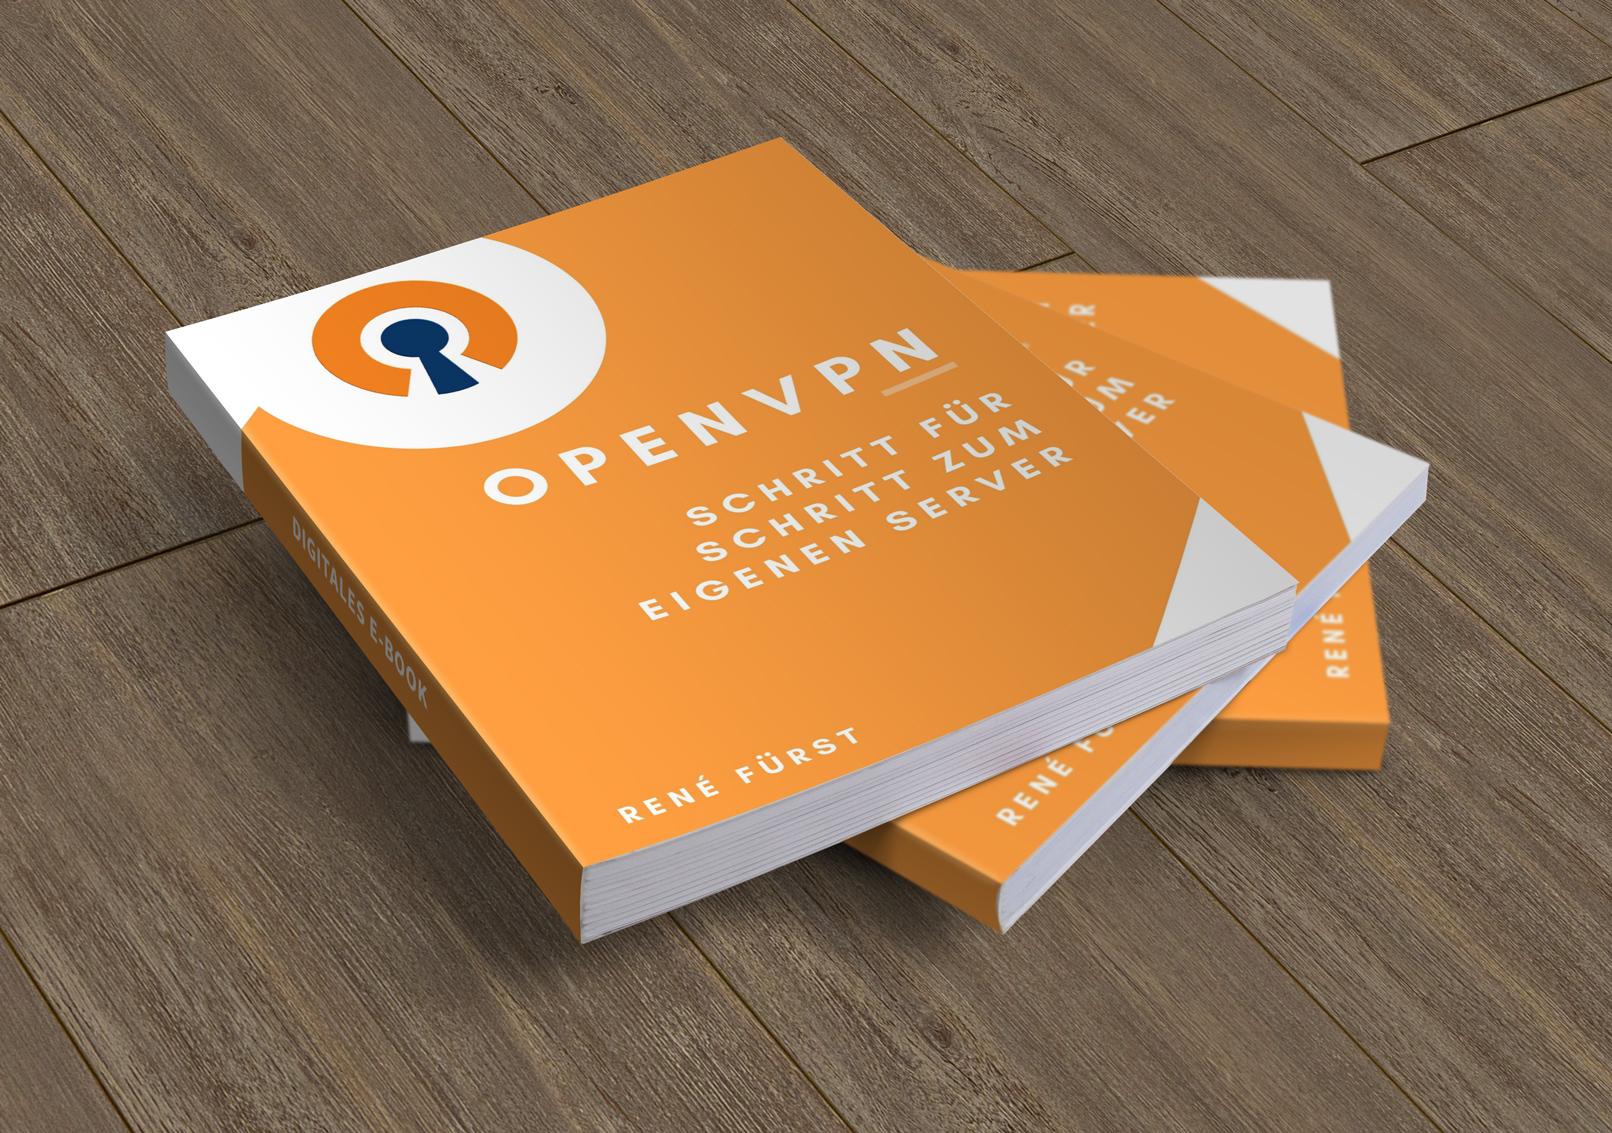 Das Training beinhaltet ein E-Book zu OpenVPN